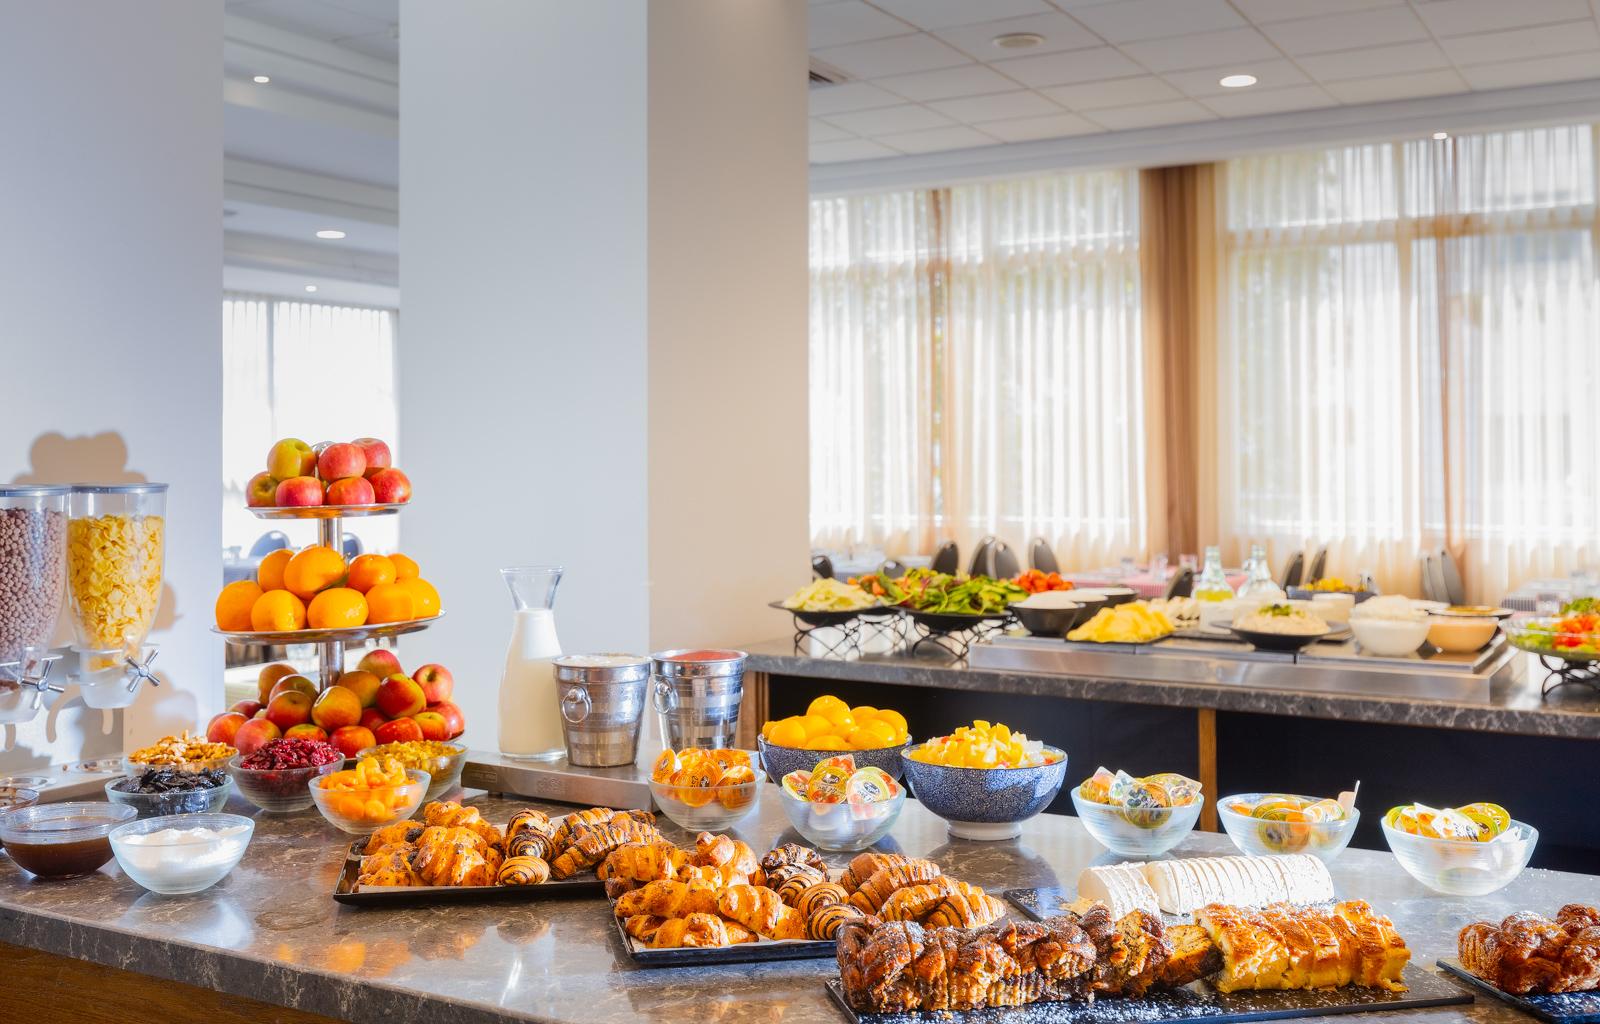 בכל בוקר אנחנו מגישים בחדר האוכל המרשים שלנו מזנון עשיר המתאים לטעם הישראלי. במזנון תמצאו סלטים שונים, מגשי גבינות, ביצים, לחמים טריים, מיצים וע